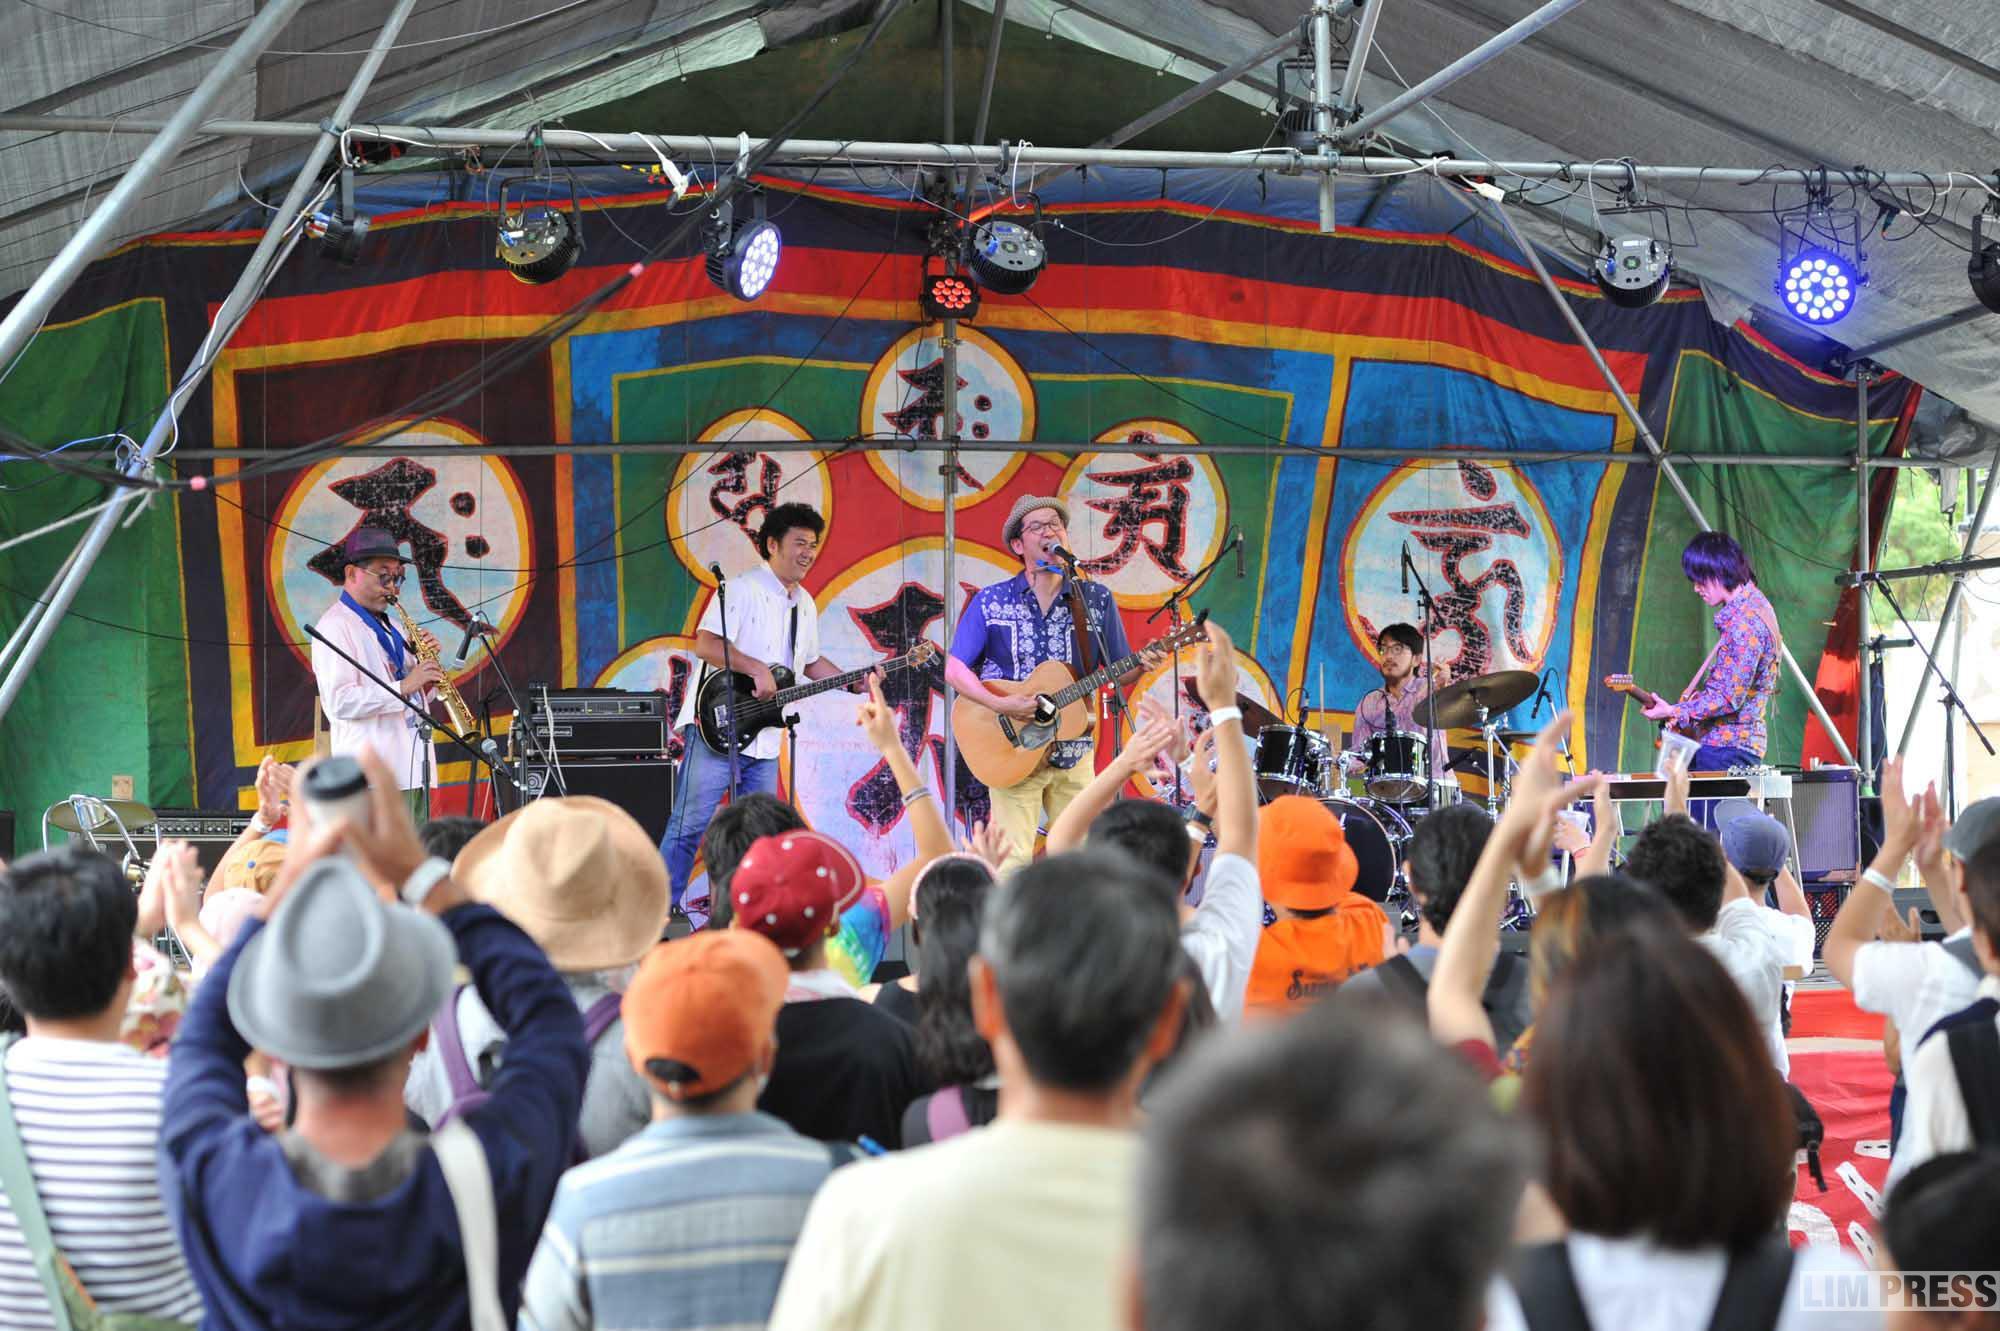 バンバンバザール | 天幕渋さ大芸術祭 | 2019.10.06